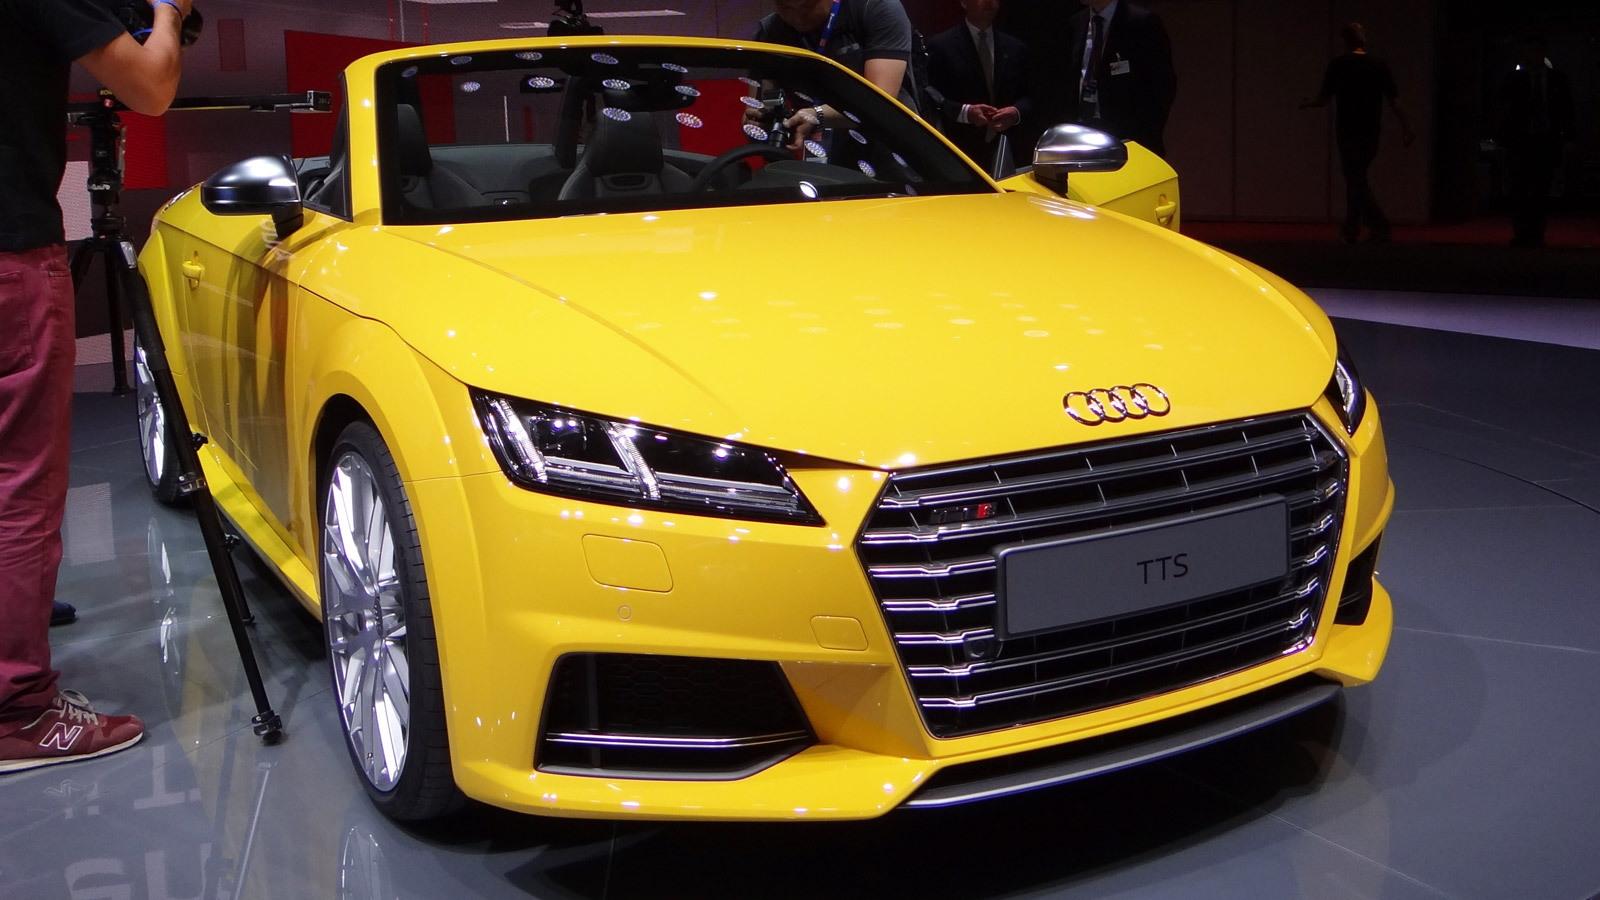 2016 Audi TTS Roadster, 2014 Paris Auto Show